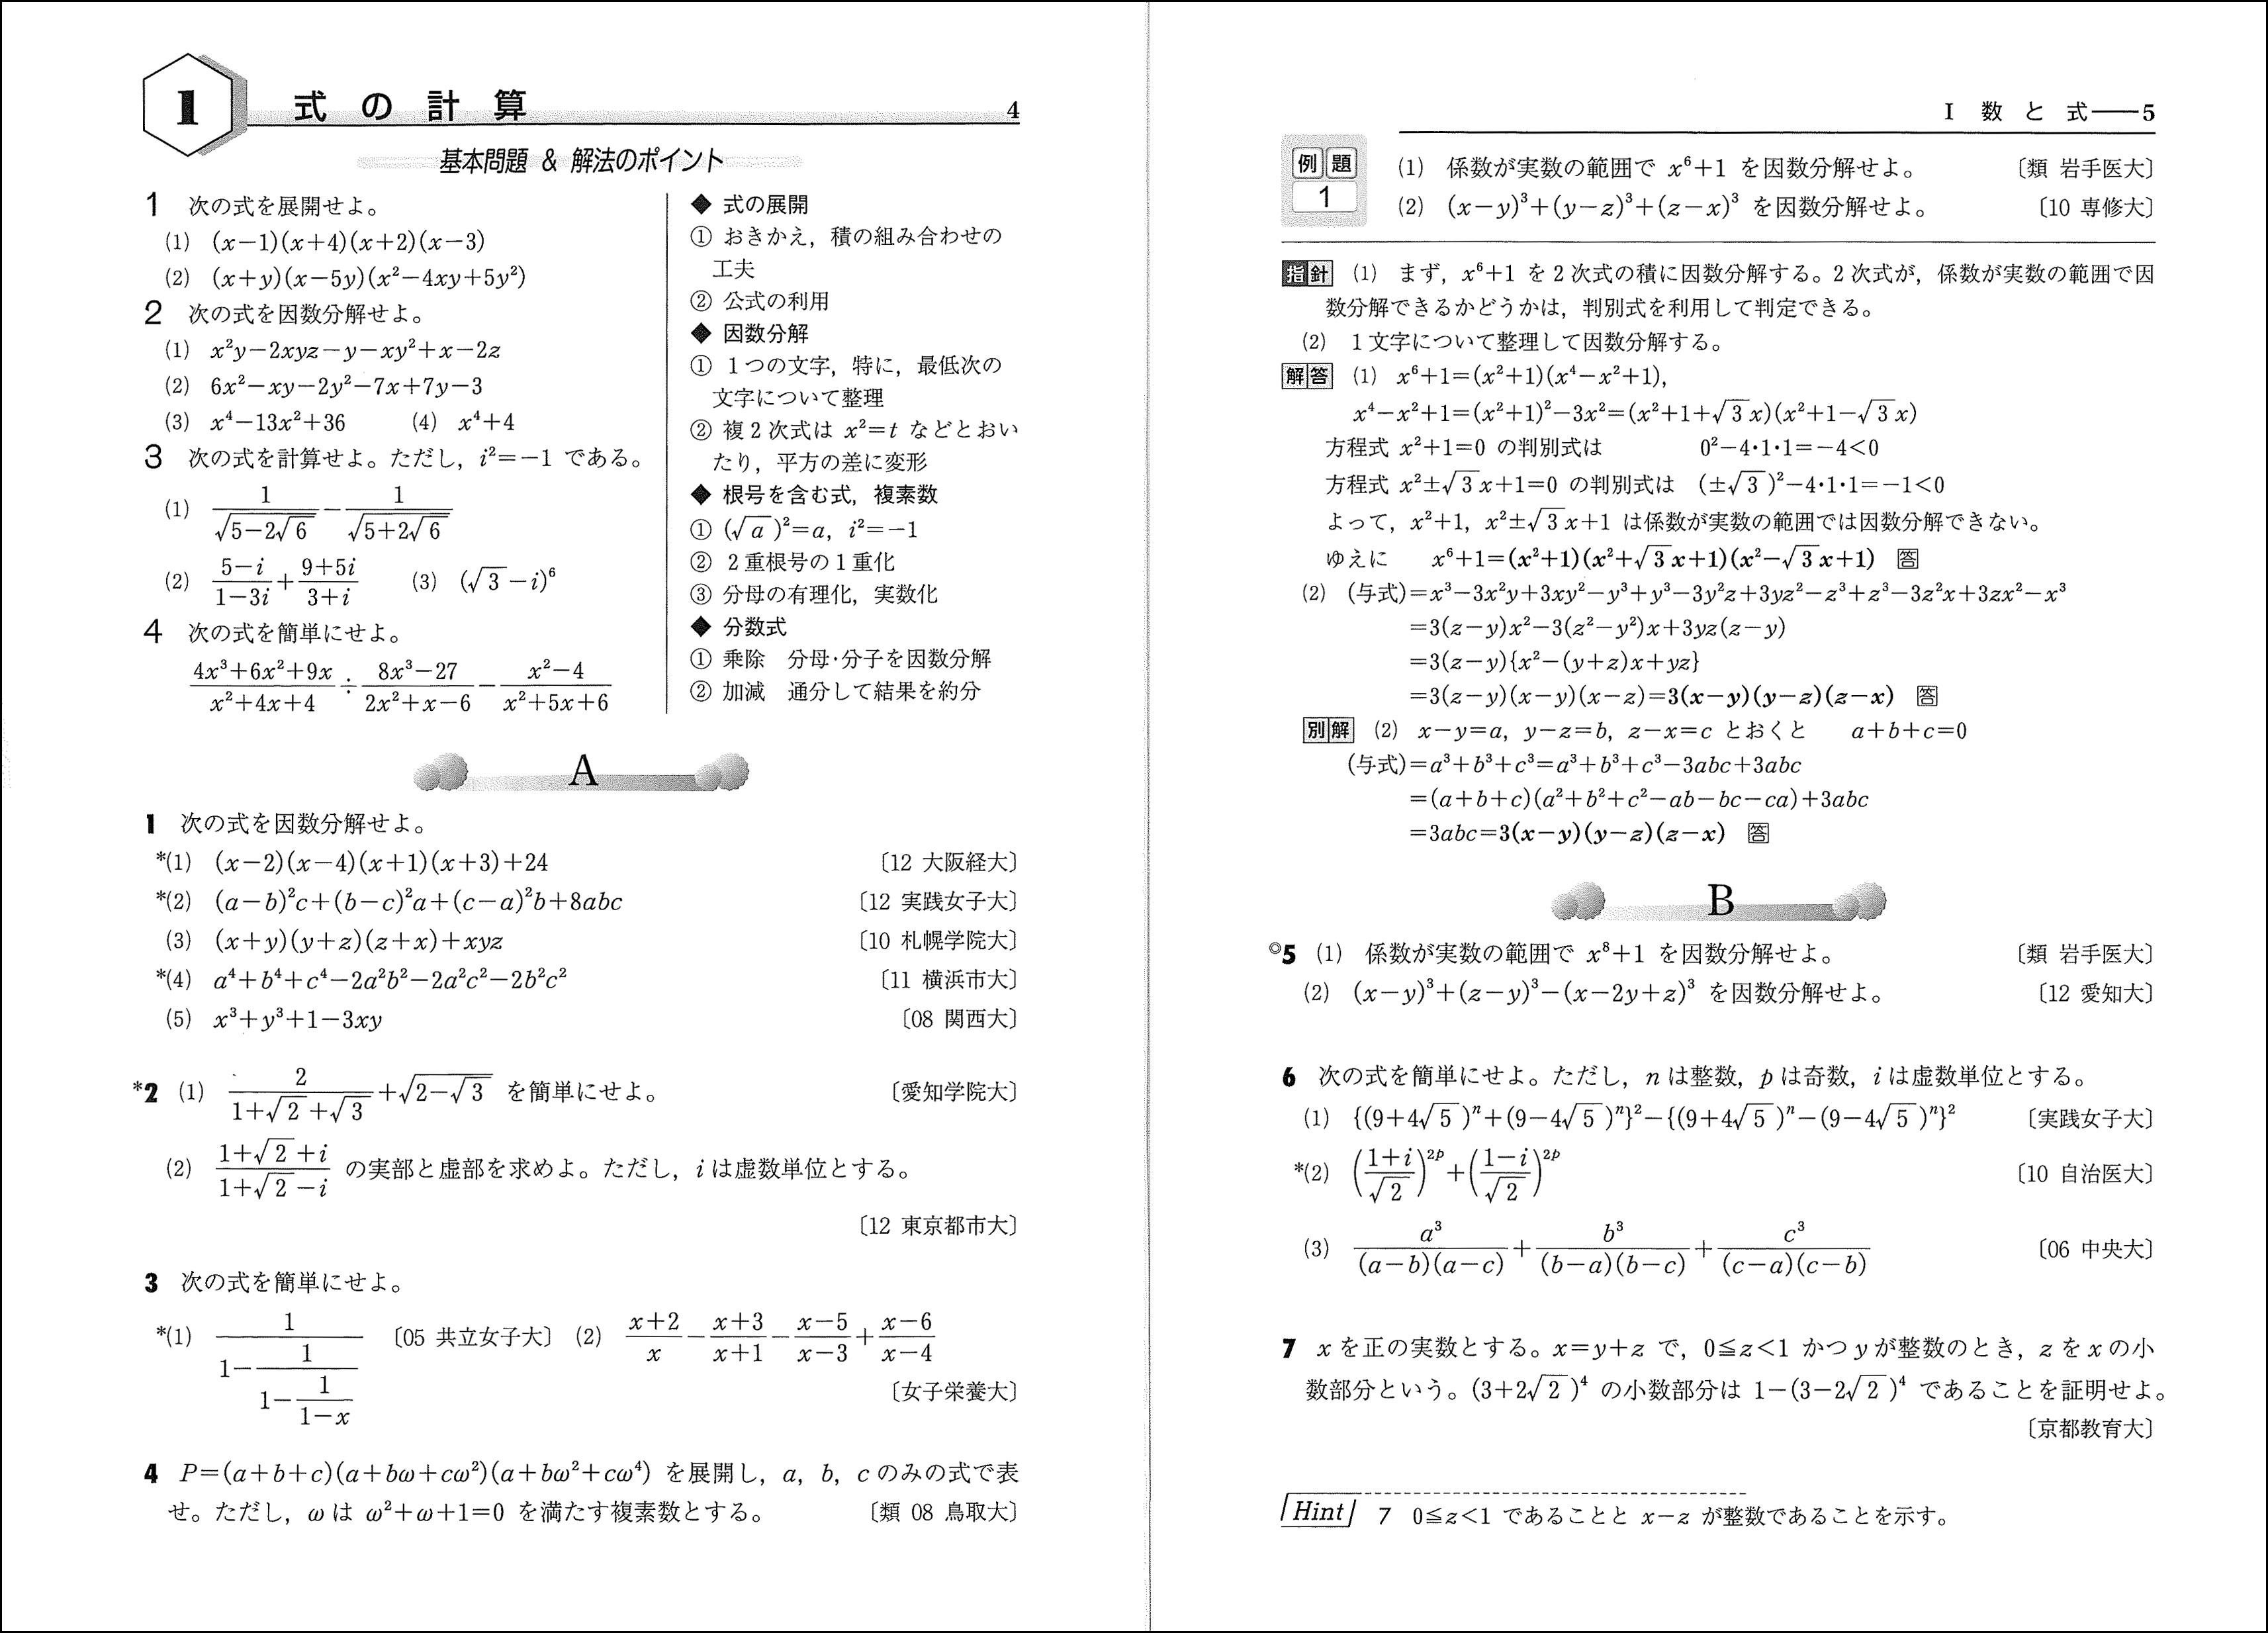 2015 スタンダード数学演習I・II ... : 中学校 数学 プリント : プリント